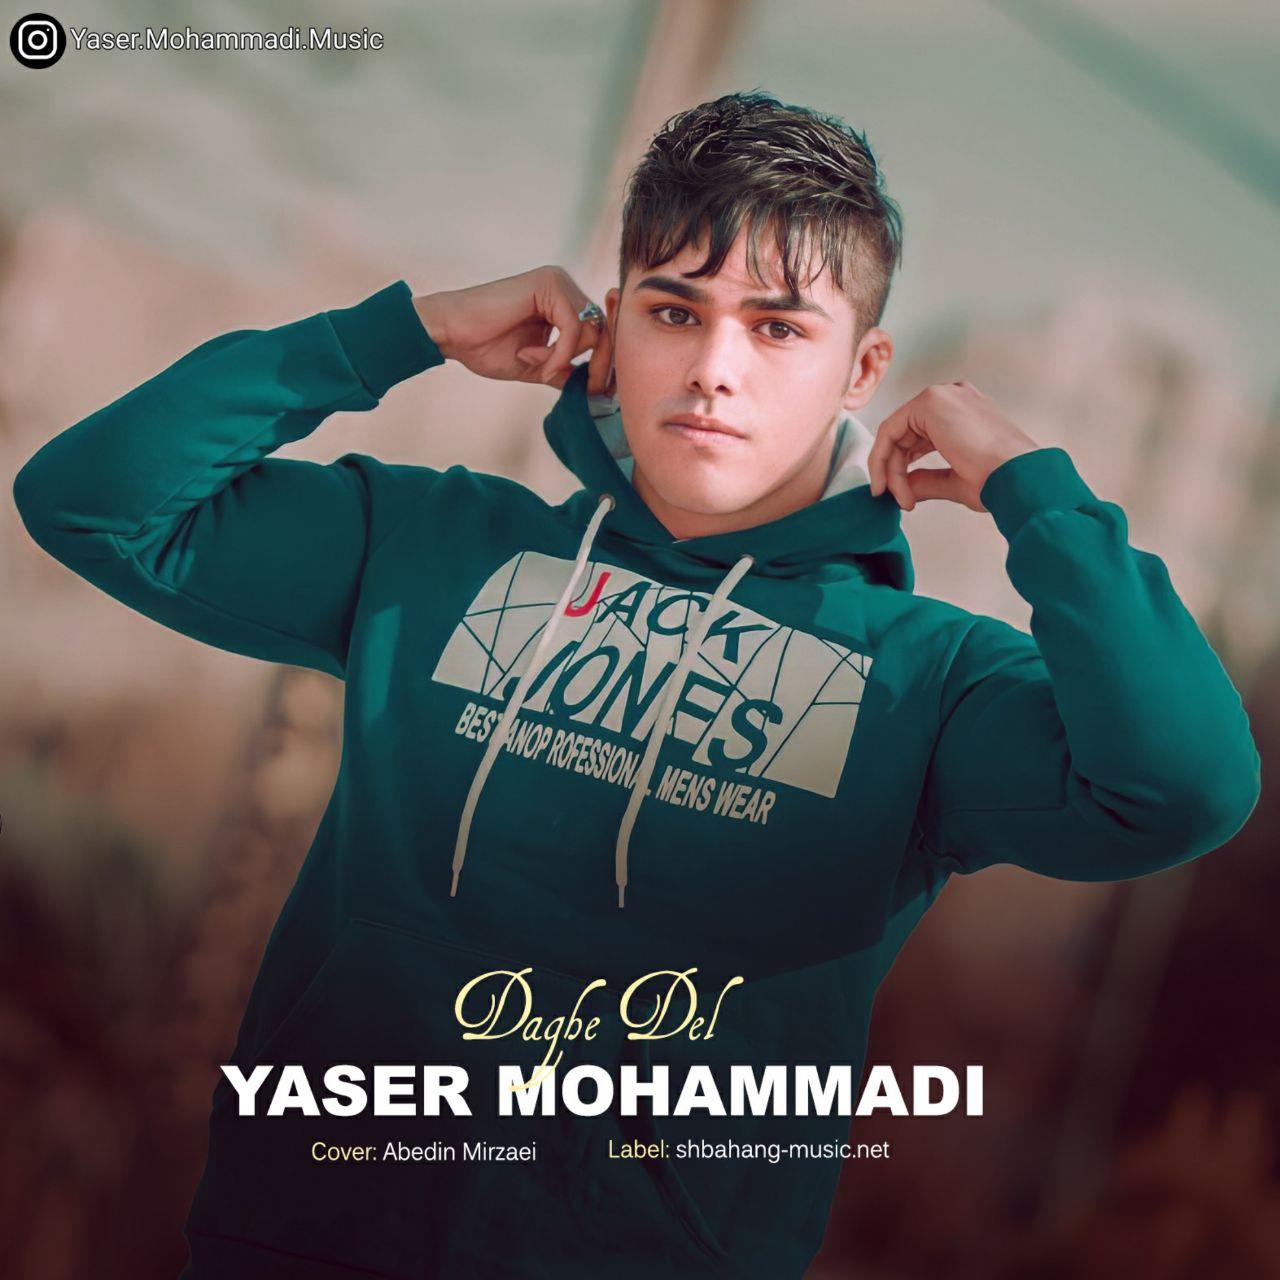 یاسر محمدی داغ دل